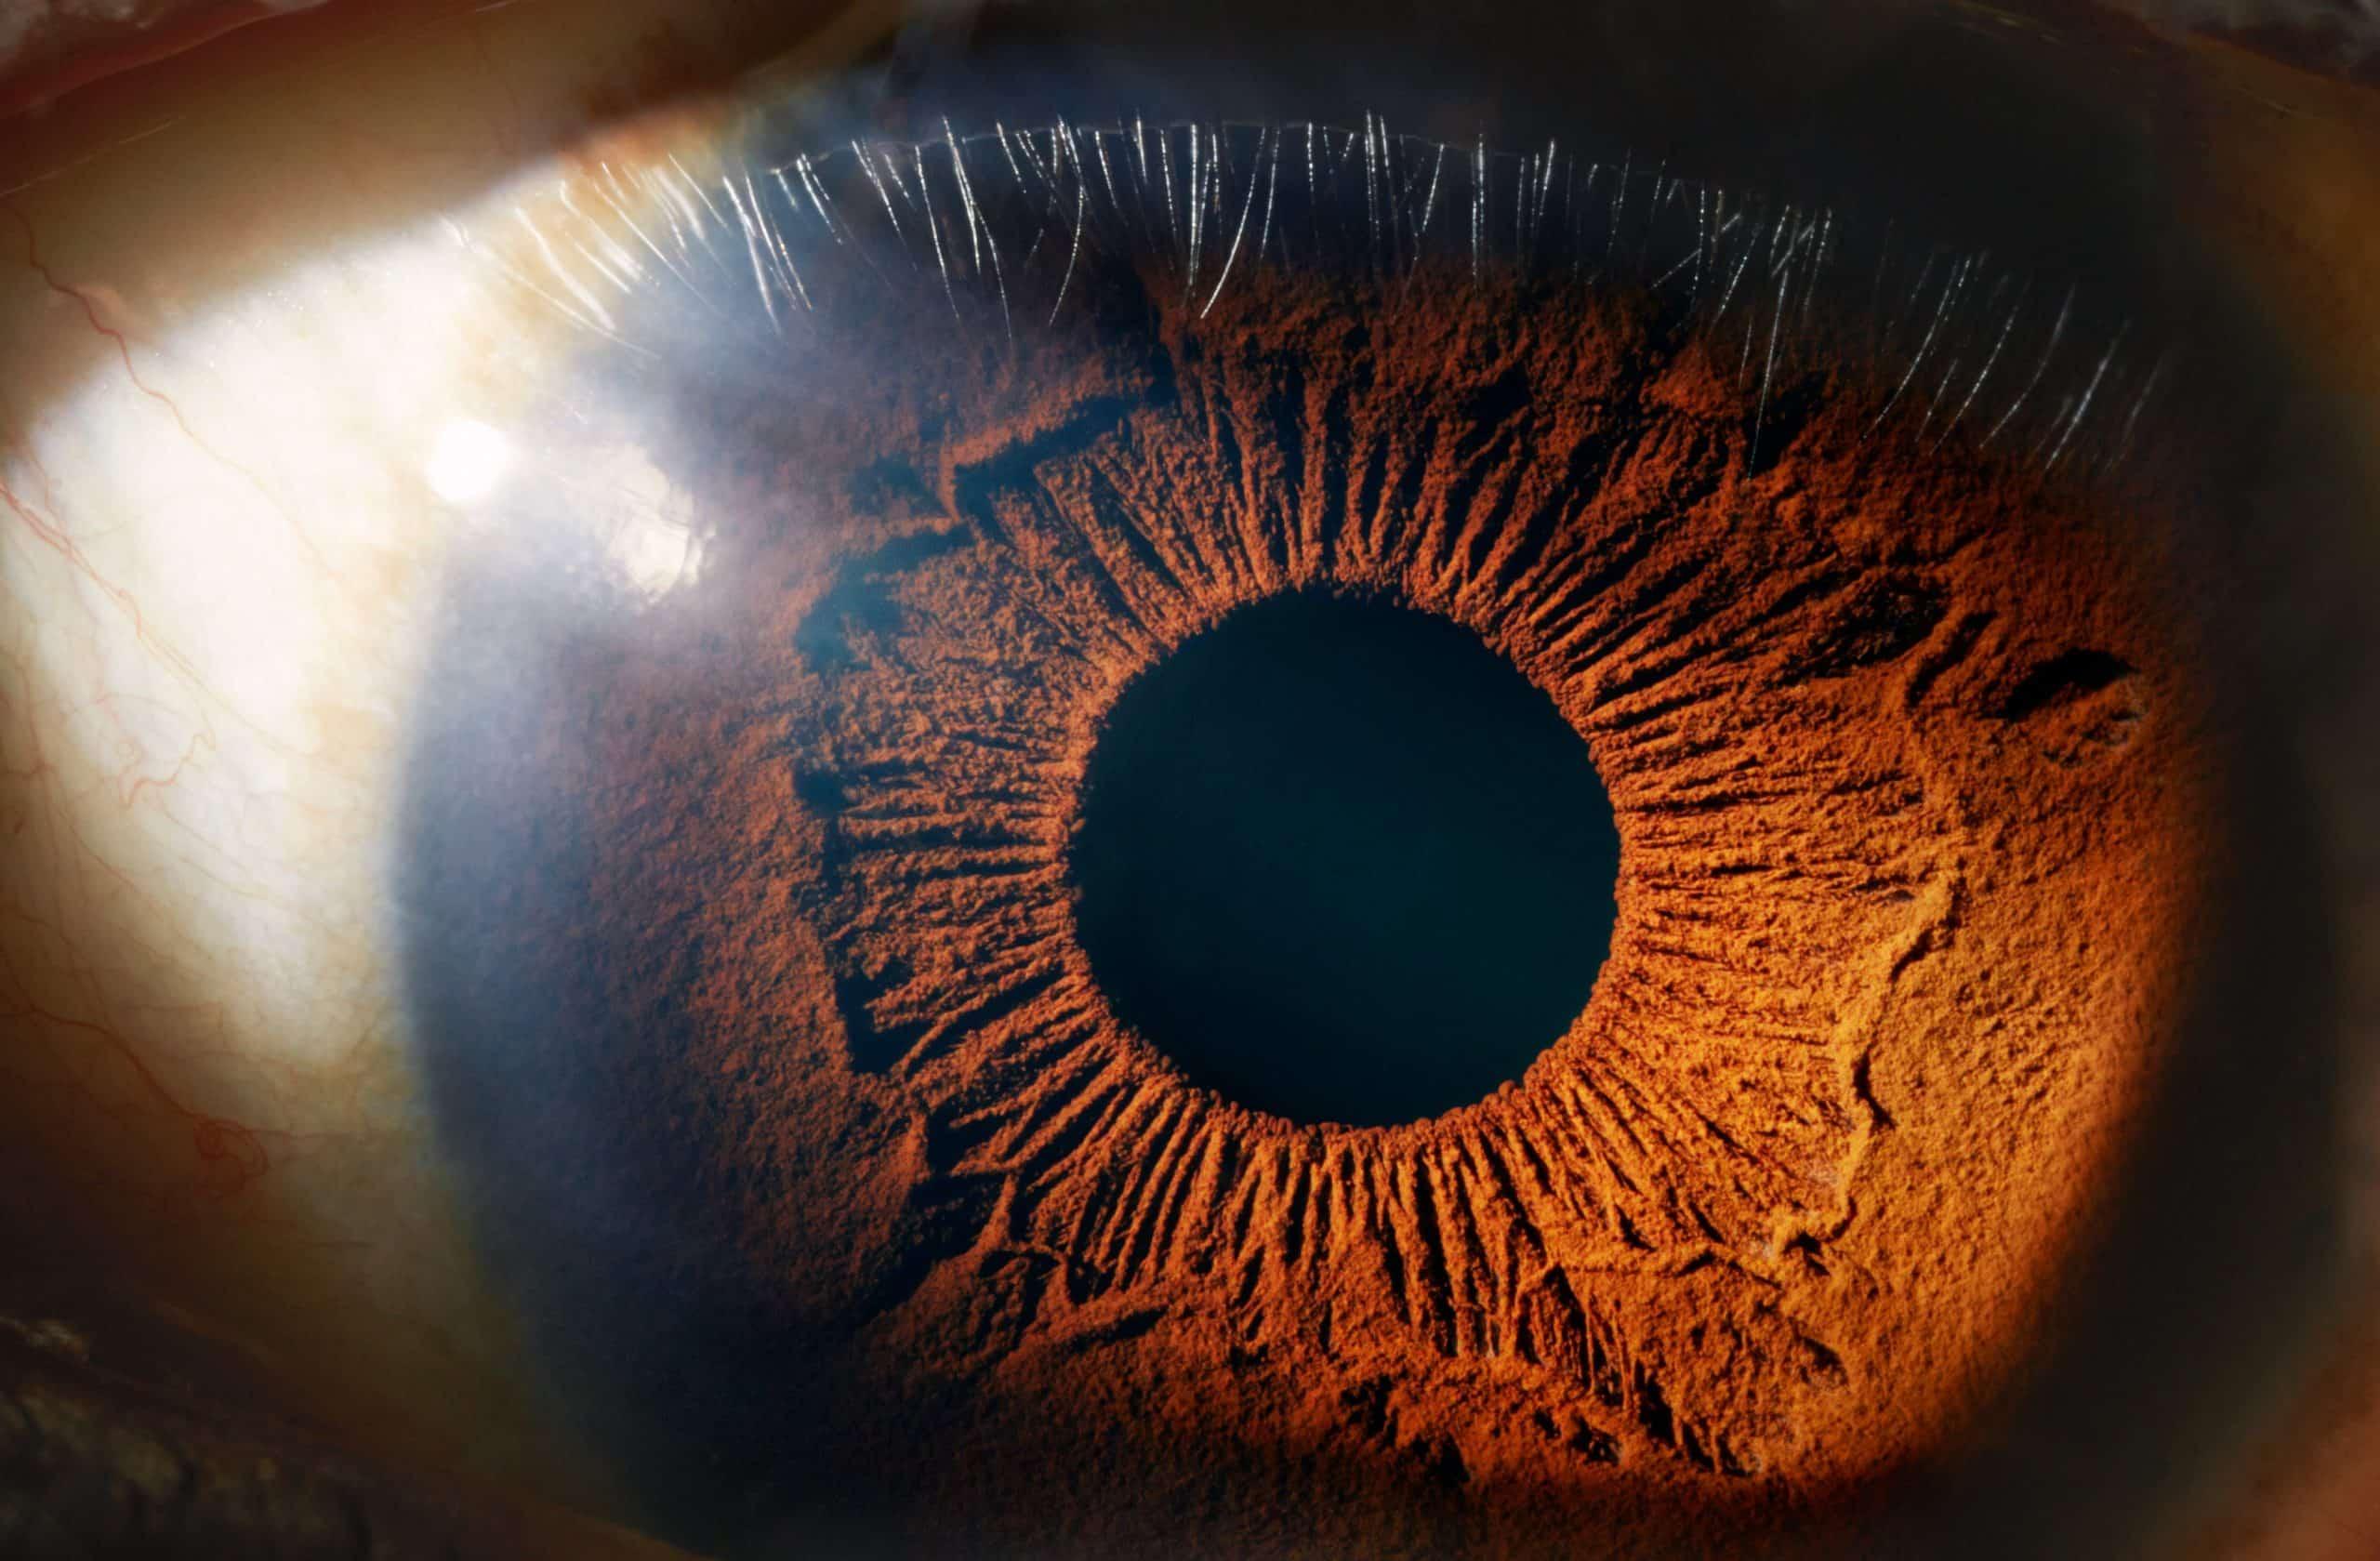 كيف تعمل العين